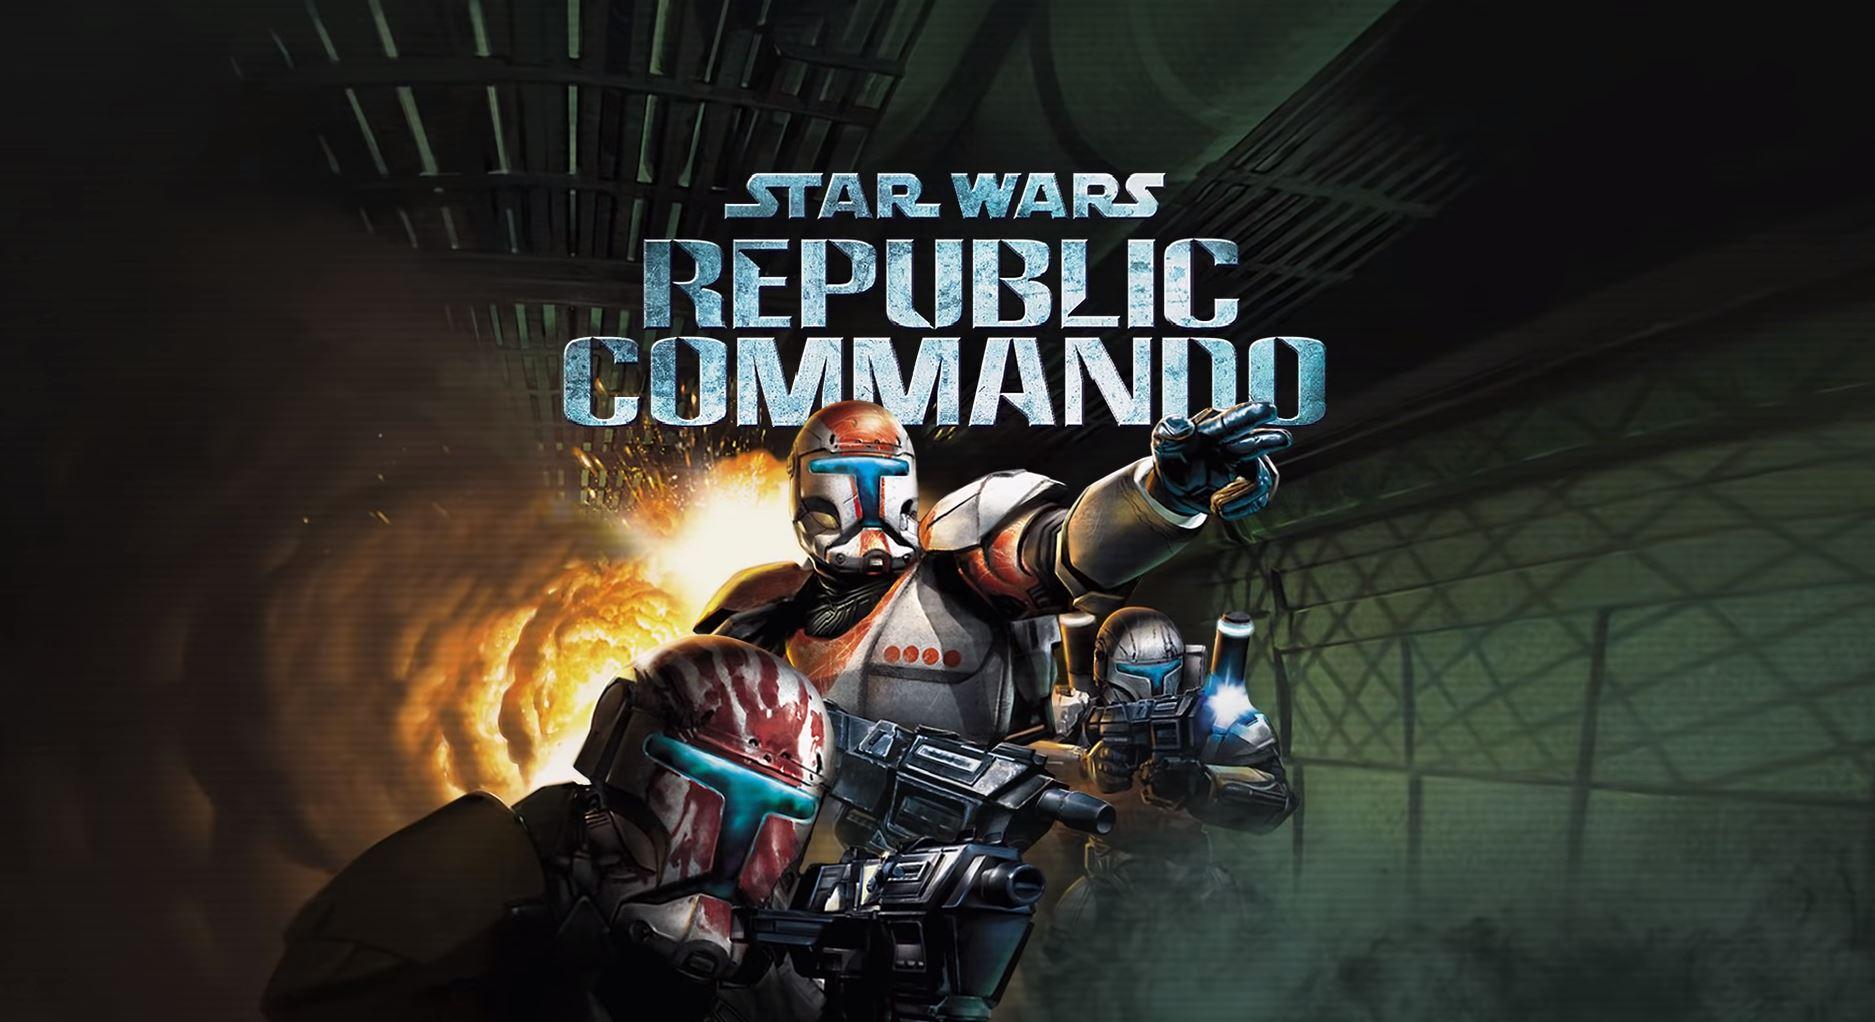 نقد و بررسی بازی Star Wars: Republic Commando؛ جنگ کلونها